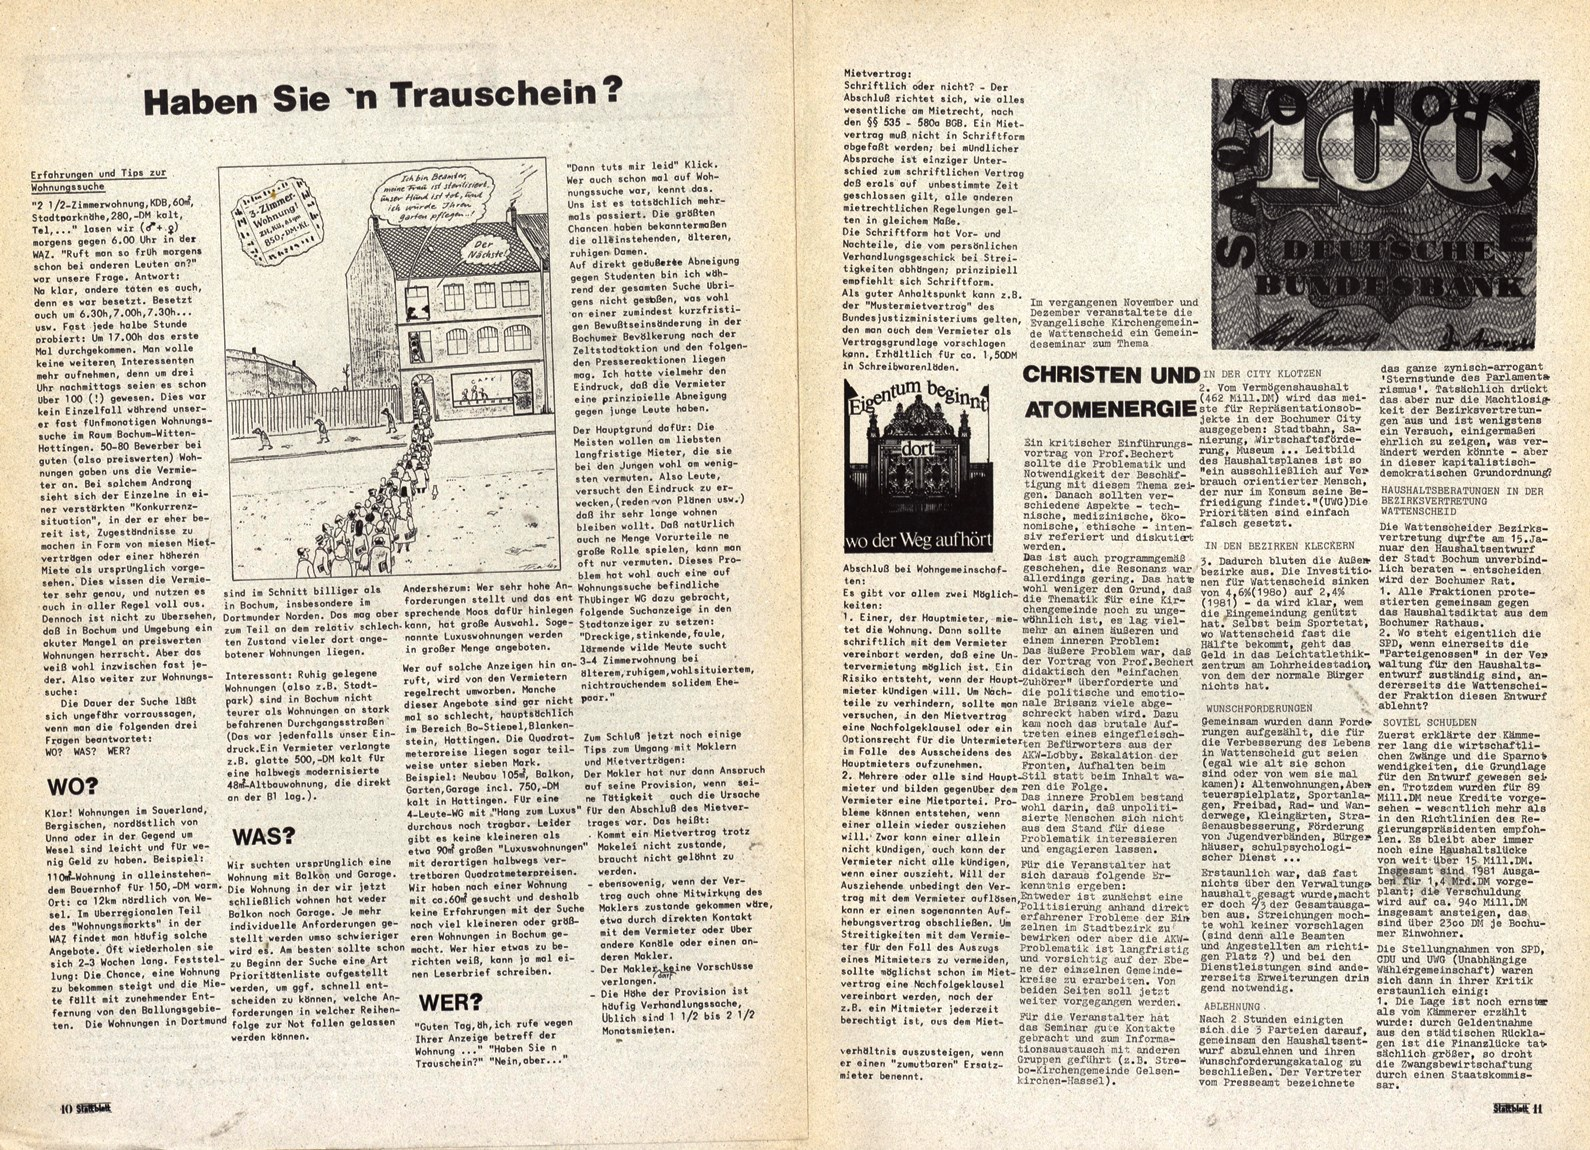 Bochum_Stattblatt_19810200_45_06